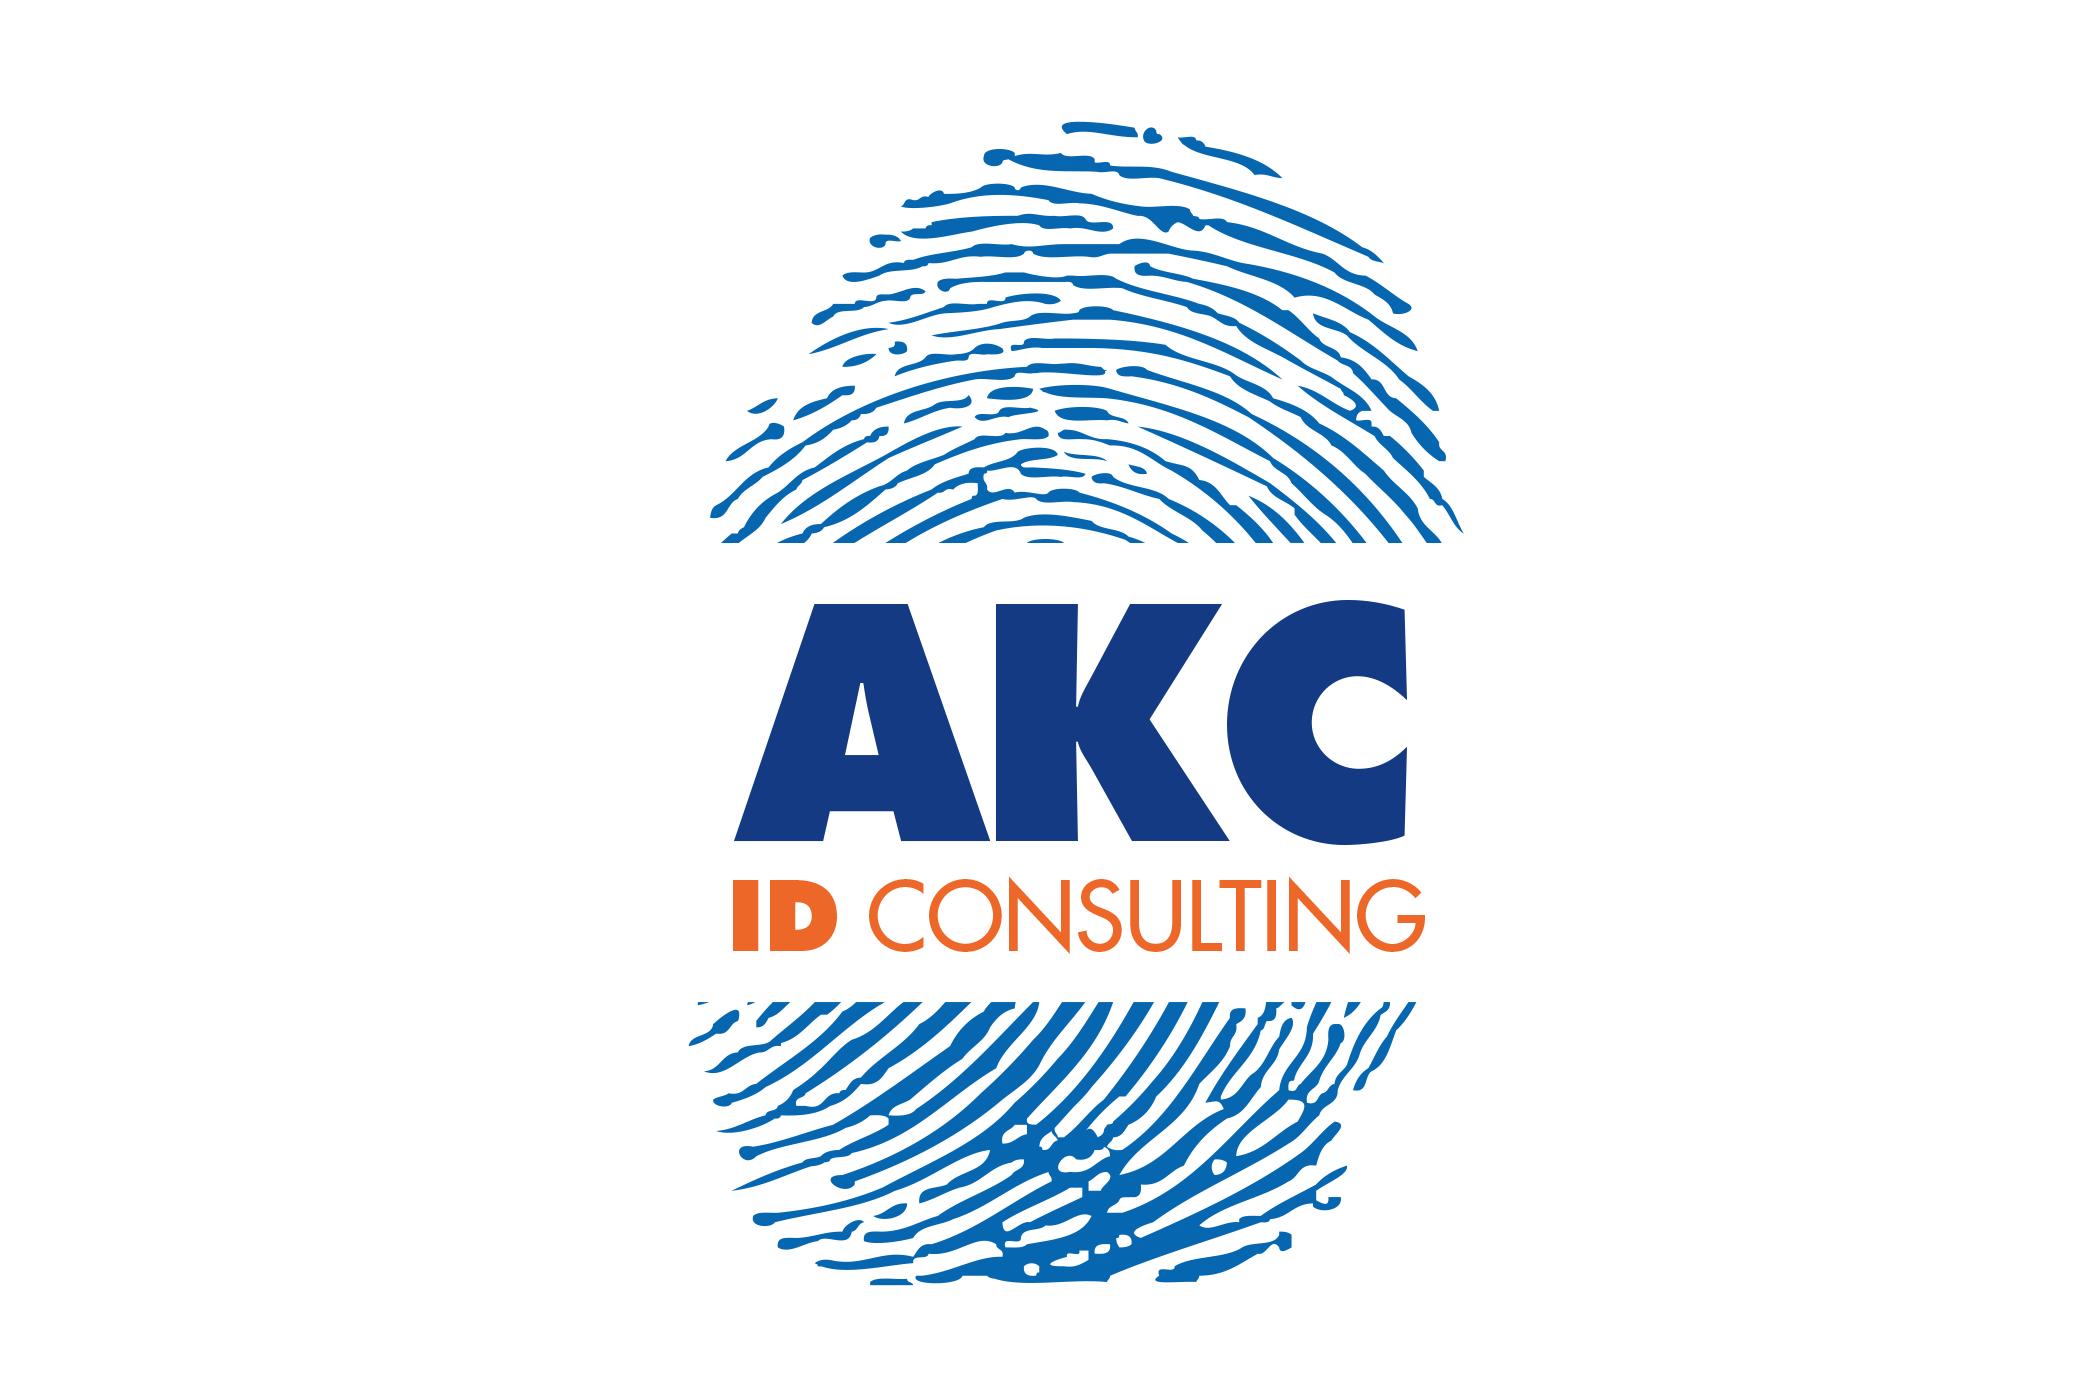 Logo_AKC ID Consulting_met M erbij